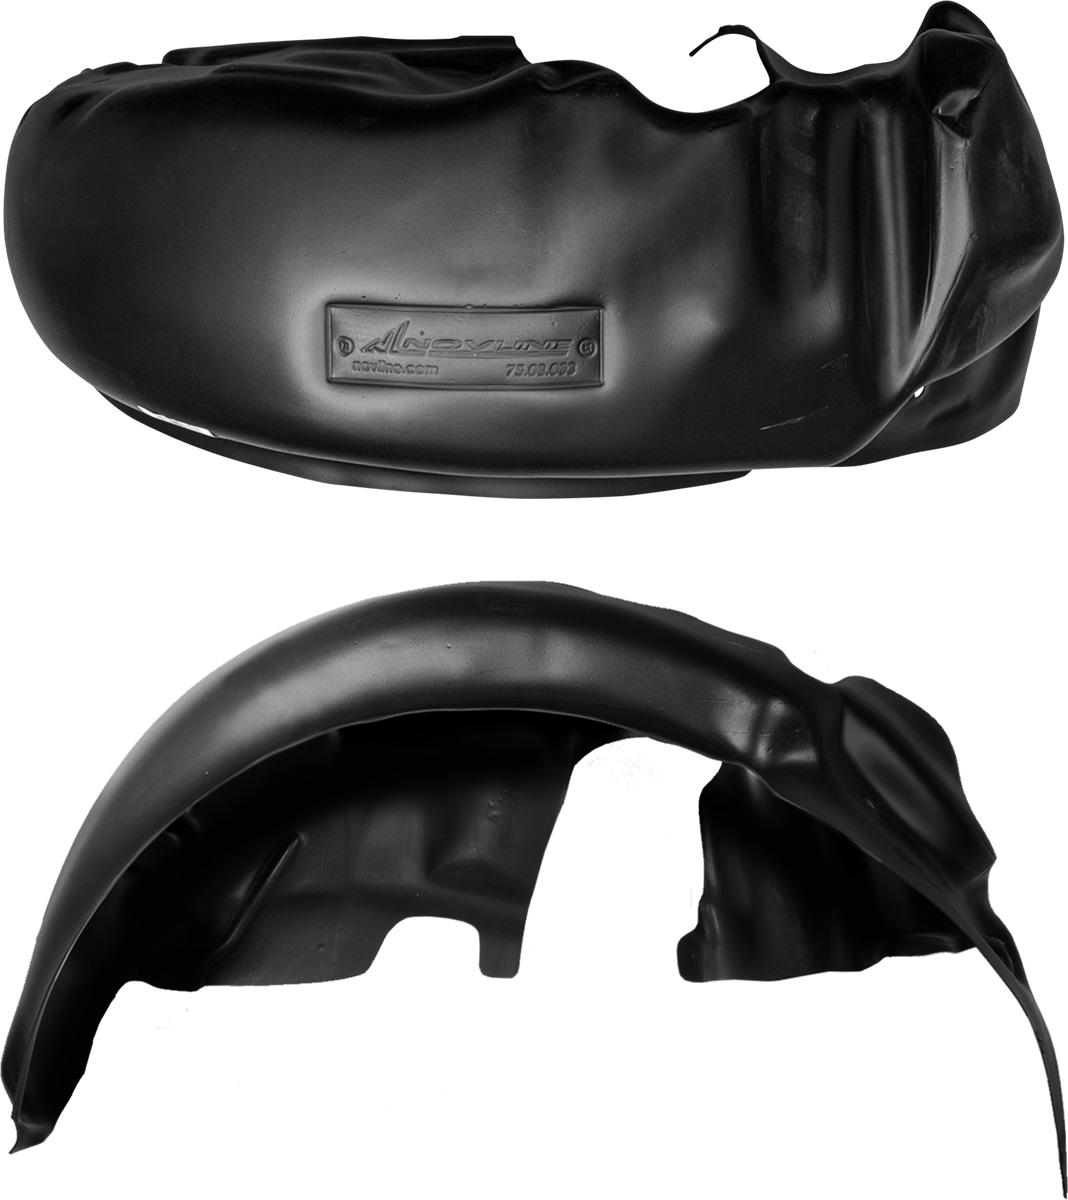 Подкрылок КIА RIO, 2011->, седан, задний левыйNLL.25.38.003Колесные ниши – одни из самых уязвимых зон днища вашего автомобиля. Они постоянно подвергаются воздействию со стороны дороги. Лучшая, почти абсолютная защита для них - специально отформованные пластиковые кожухи, которые называются подкрылками, или локерами. Производятся они как для отечественных моделей автомобилей, так и для иномарок. Подкрылки выполнены из высококачественного, экологически чистого пластика. Обеспечивают надежную защиту кузова автомобиля от пескоструйного эффекта и негативного влияния, агрессивных антигололедных реагентов. Пластик обладает более низкой теплопроводностью, чем металл, поэтому в зимний период эксплуатации использование пластиковых подкрылков позволяет лучше защитить колесные ниши от налипания снега и образования наледи. Оригинальность конструкции подчеркивает элегантность автомобиля, бережно защищает нанесенное на днище кузова антикоррозийное покрытие и позволяет осуществить крепление подкрылков внутри колесной арки практически без дополнительного...